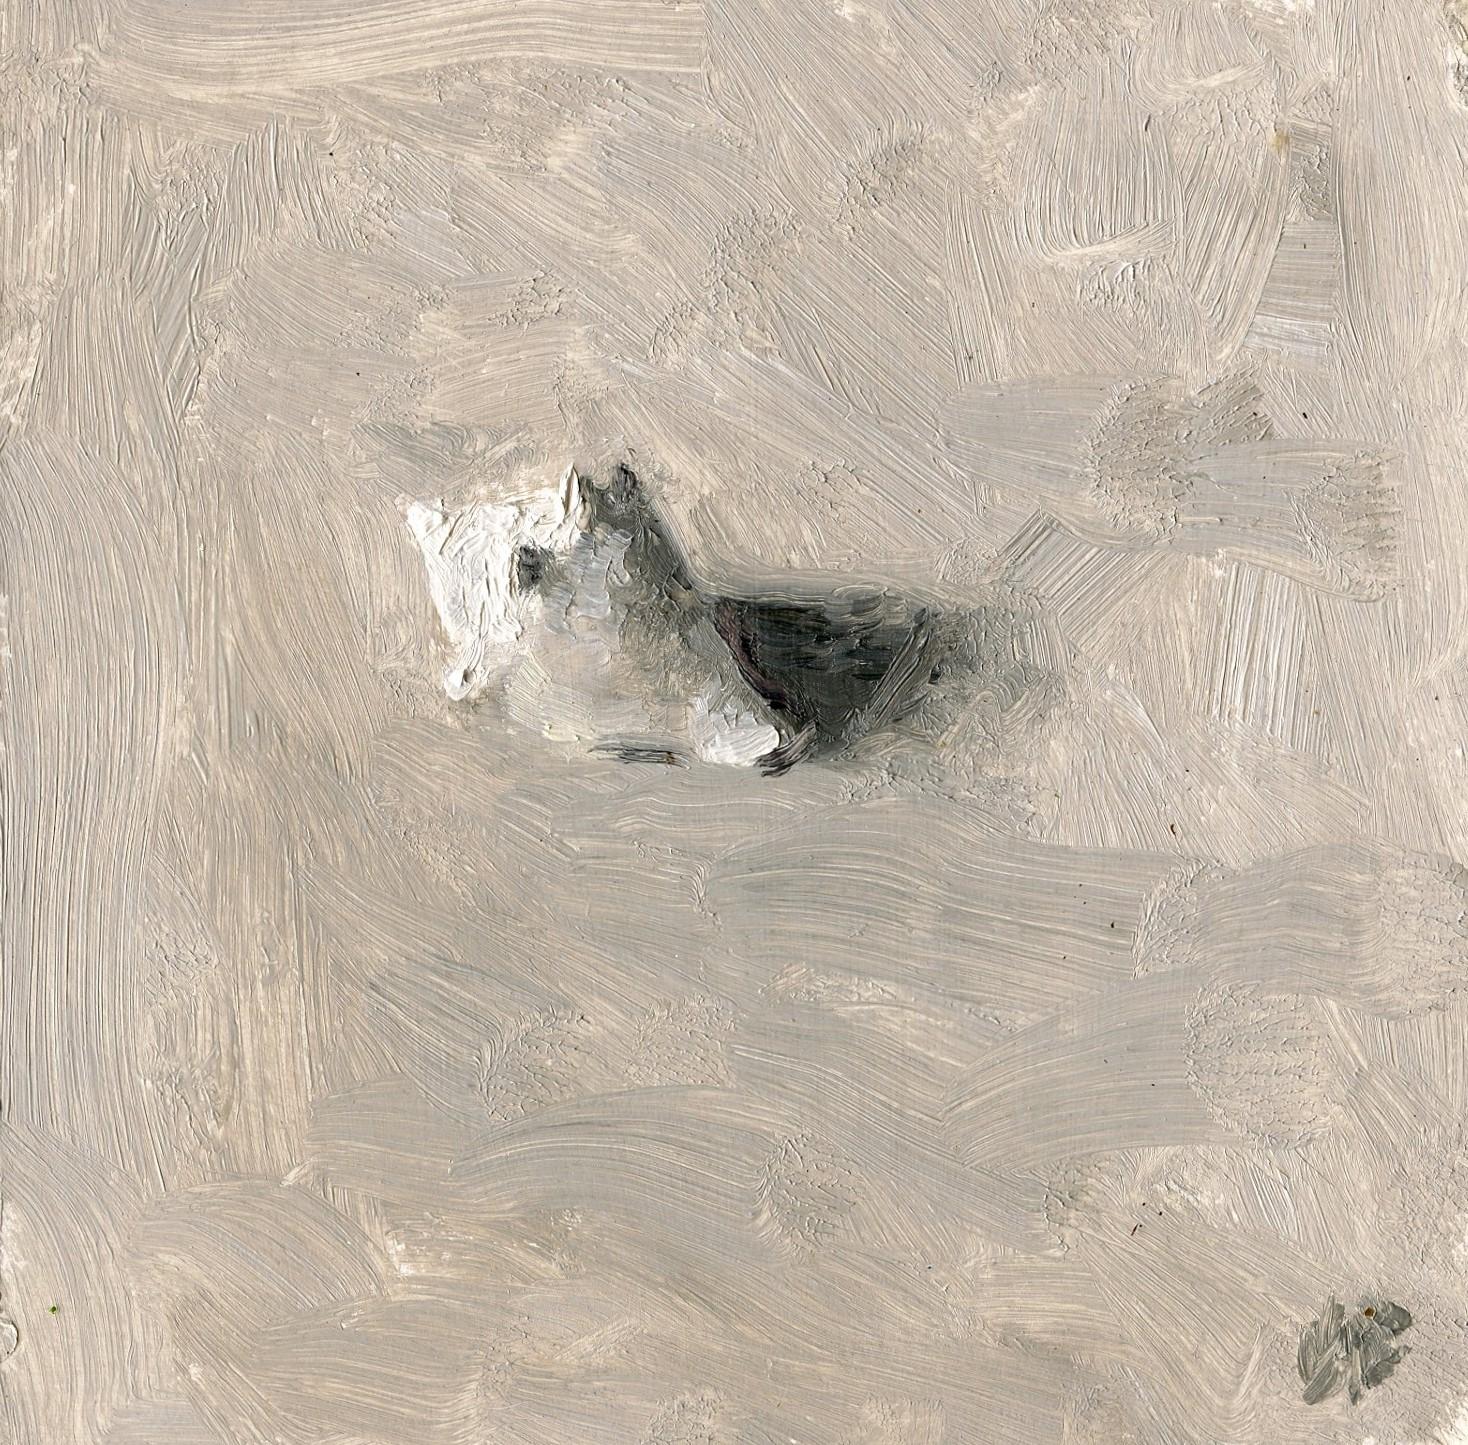 Gray Day - Tiny Shell